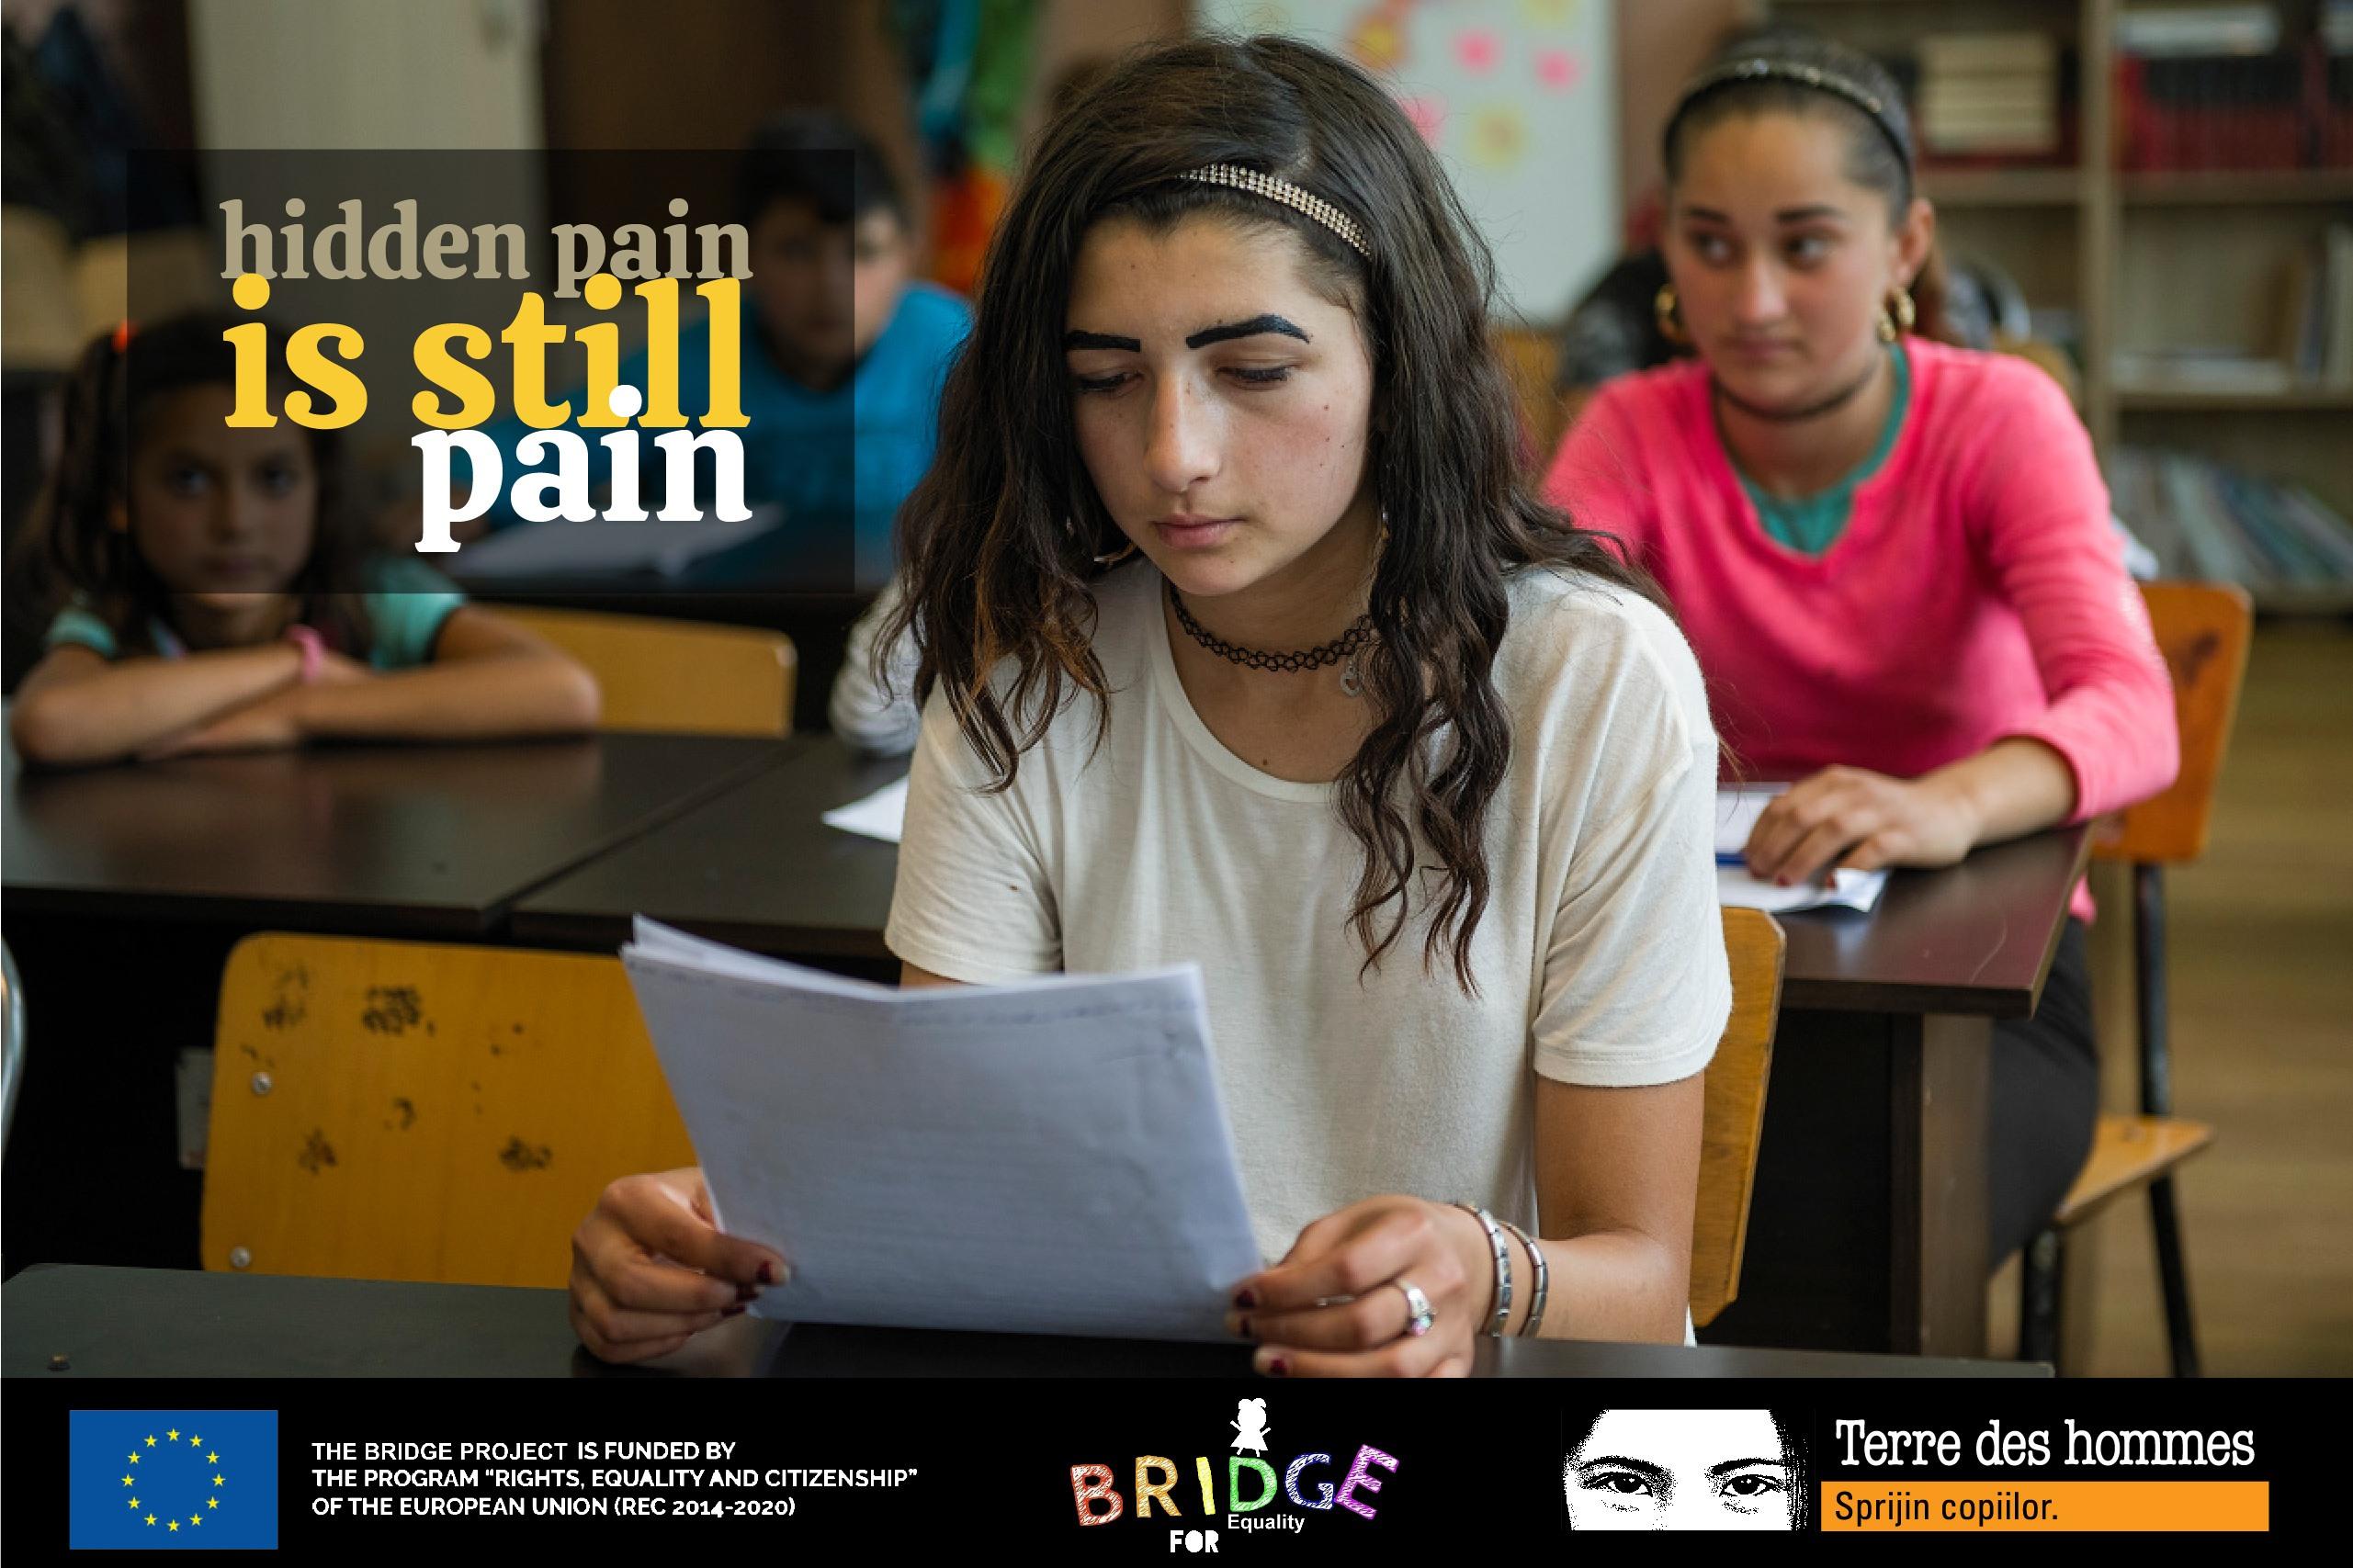 """Campania """"Hidden pain is still pain"""" - Violența de gen nu trebuie ascunsă"""